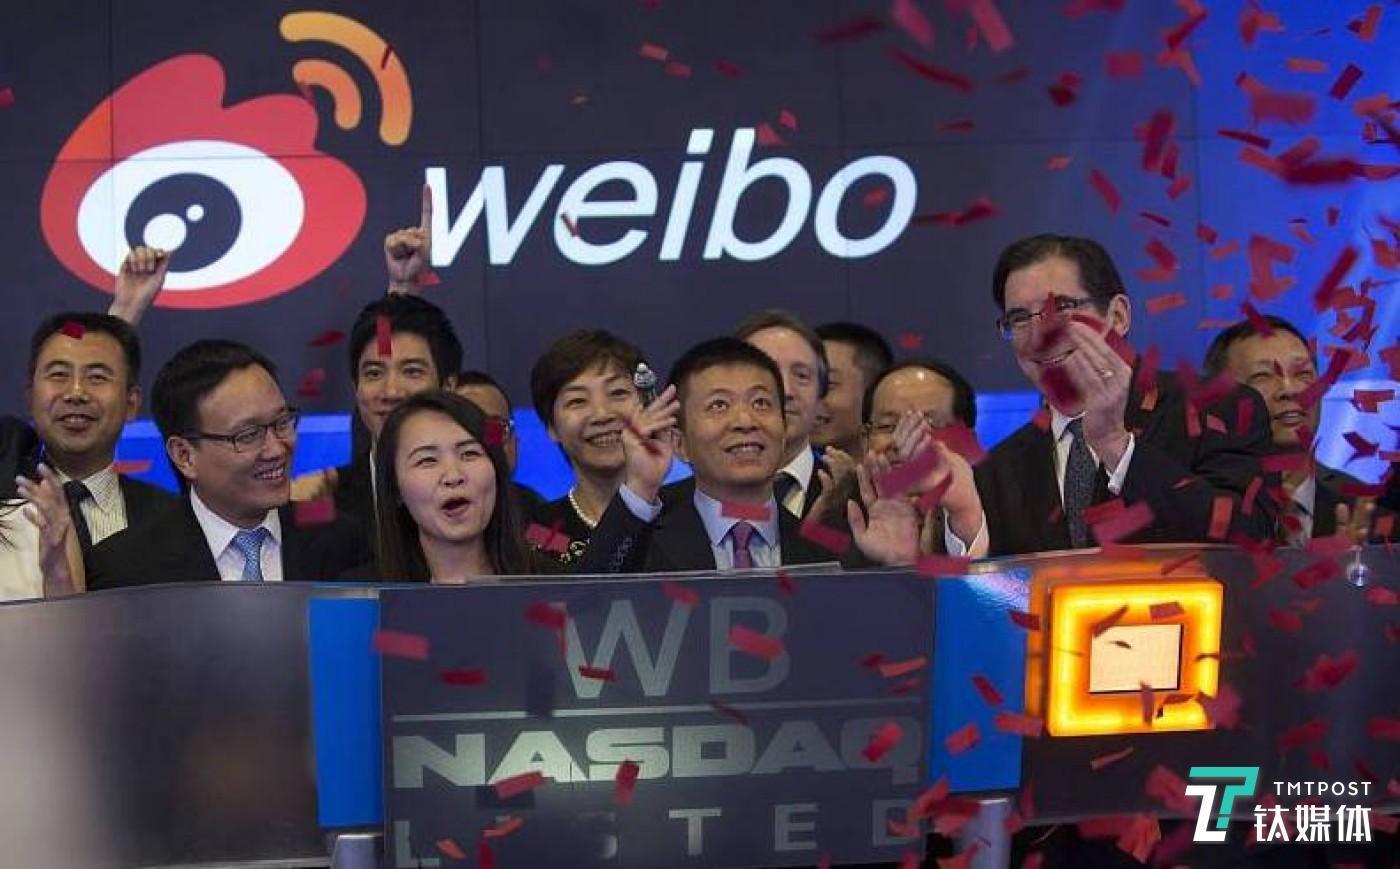 2014年4月17日,美国纽约,新浪旗下微博业务正式登陆纳斯达克。据悉,微博确定IPO发行价为17美元,来源:视觉中国